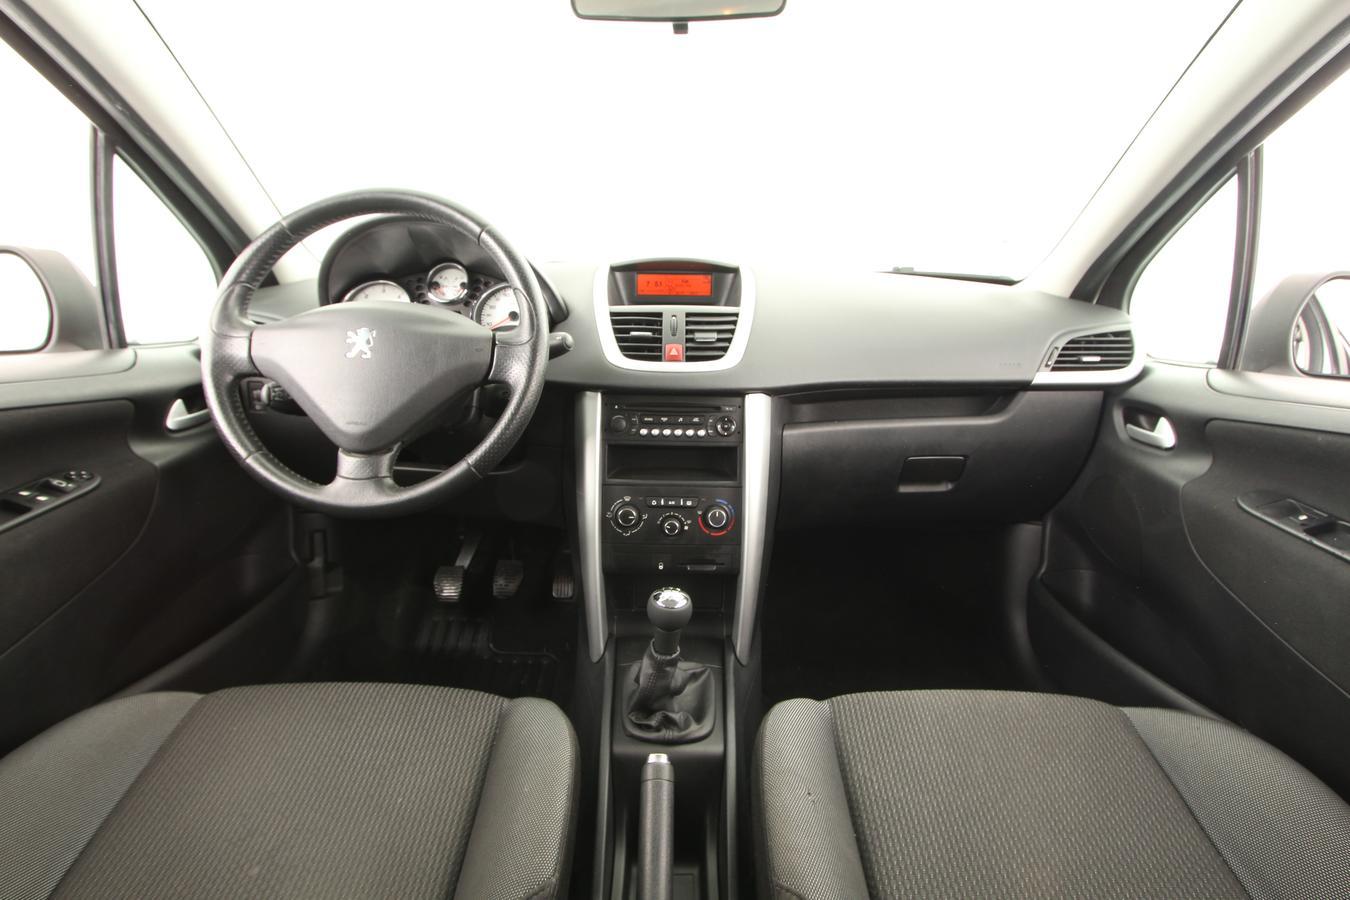 Peugeot 207 citadine 5 portes diesel 1 4 hdi 70ch - Peugeot 207 5 portes occasion diesel pas cher ...